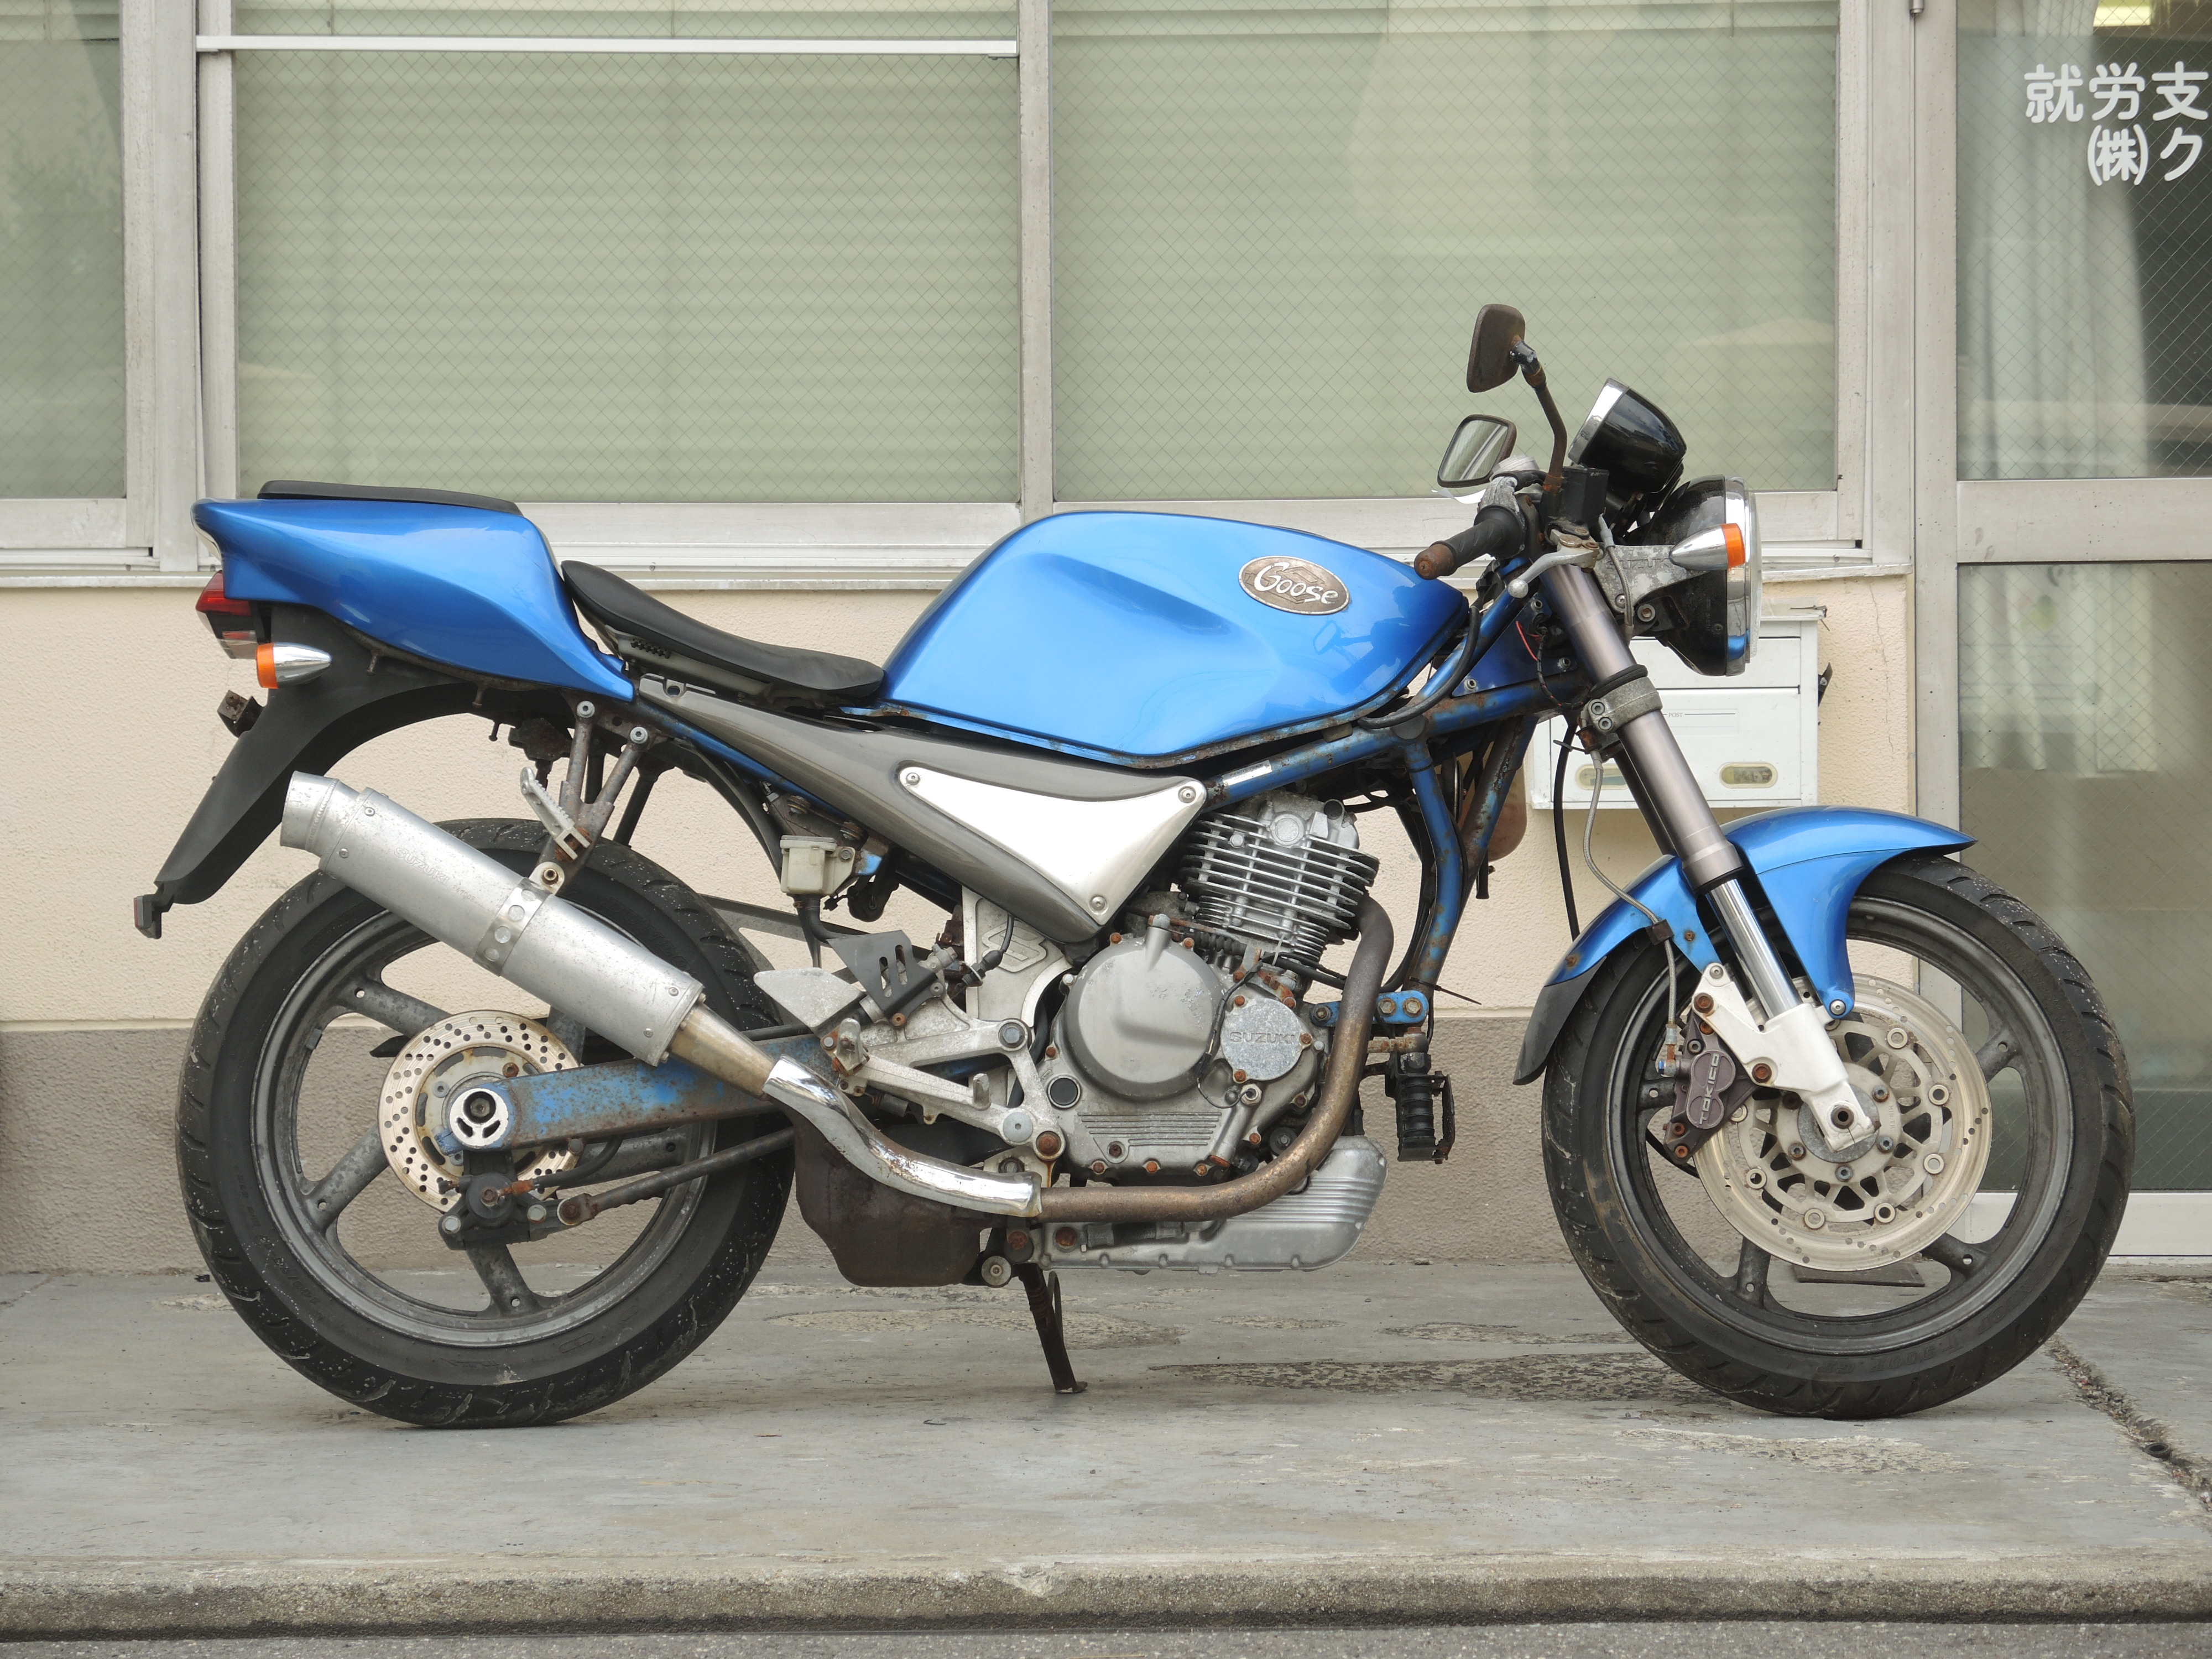 GOOSE350